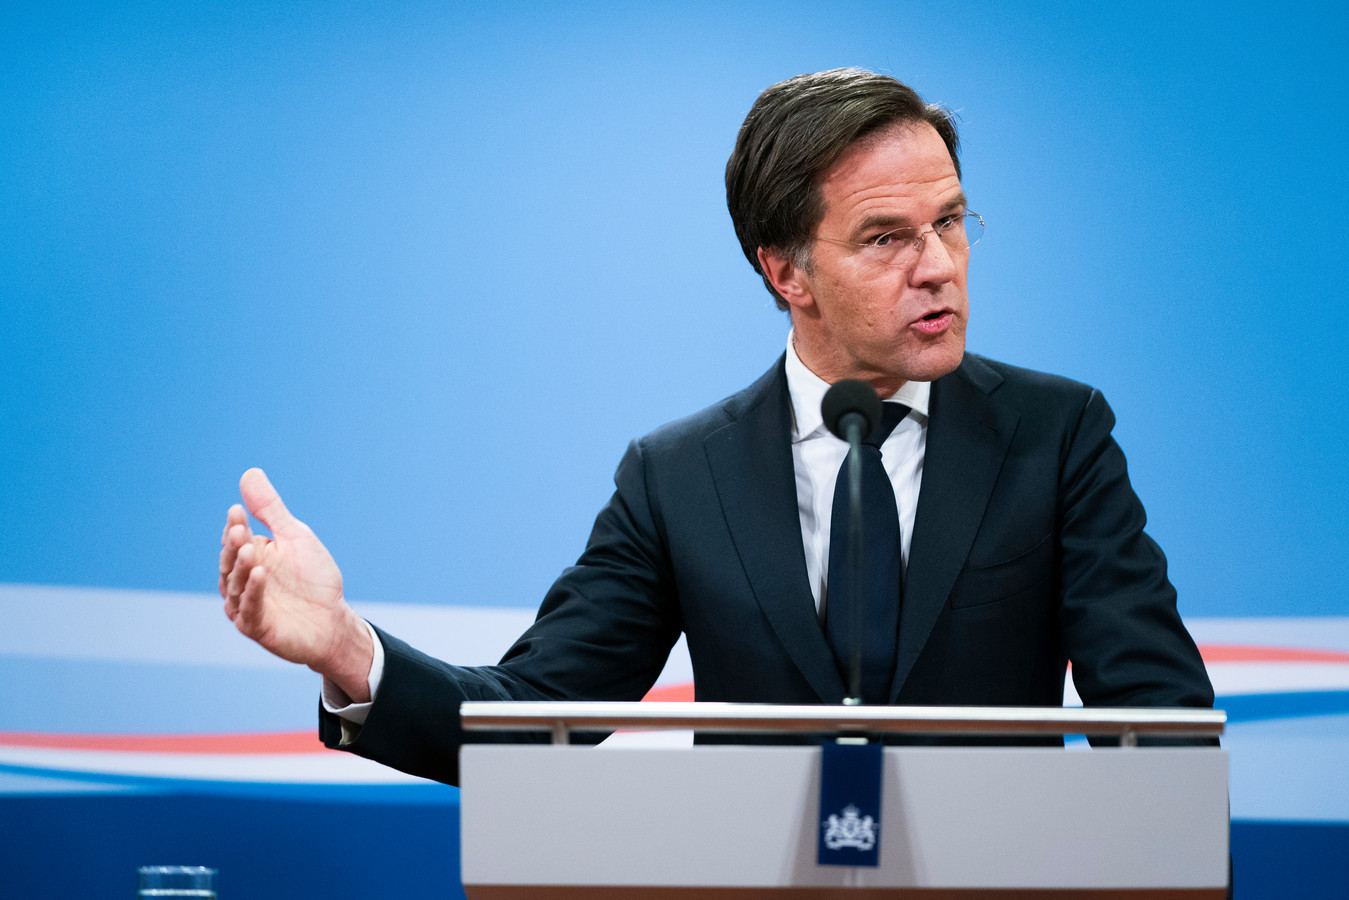 Demissionair premier Mark Rutte tijdens een persconferentie